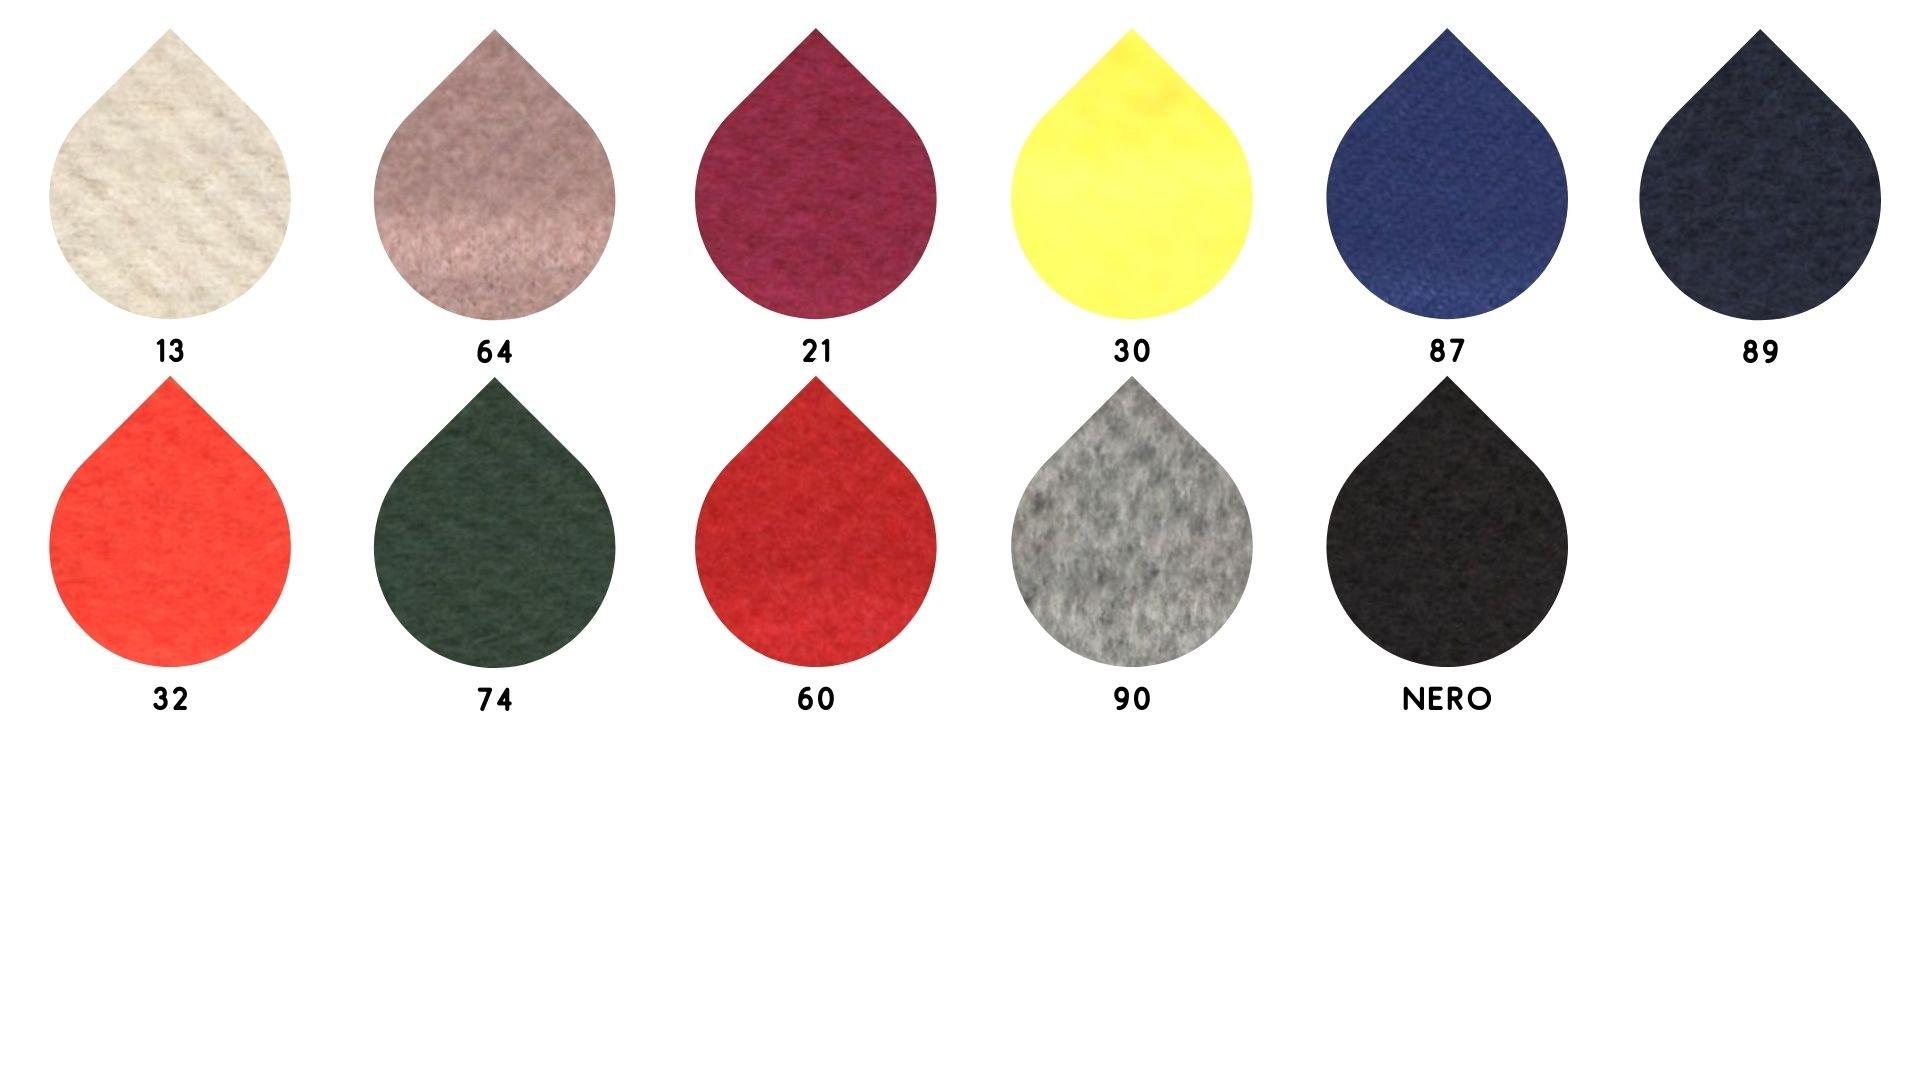 la cartella colore del tessuto nancy palto di Leadford & Logan